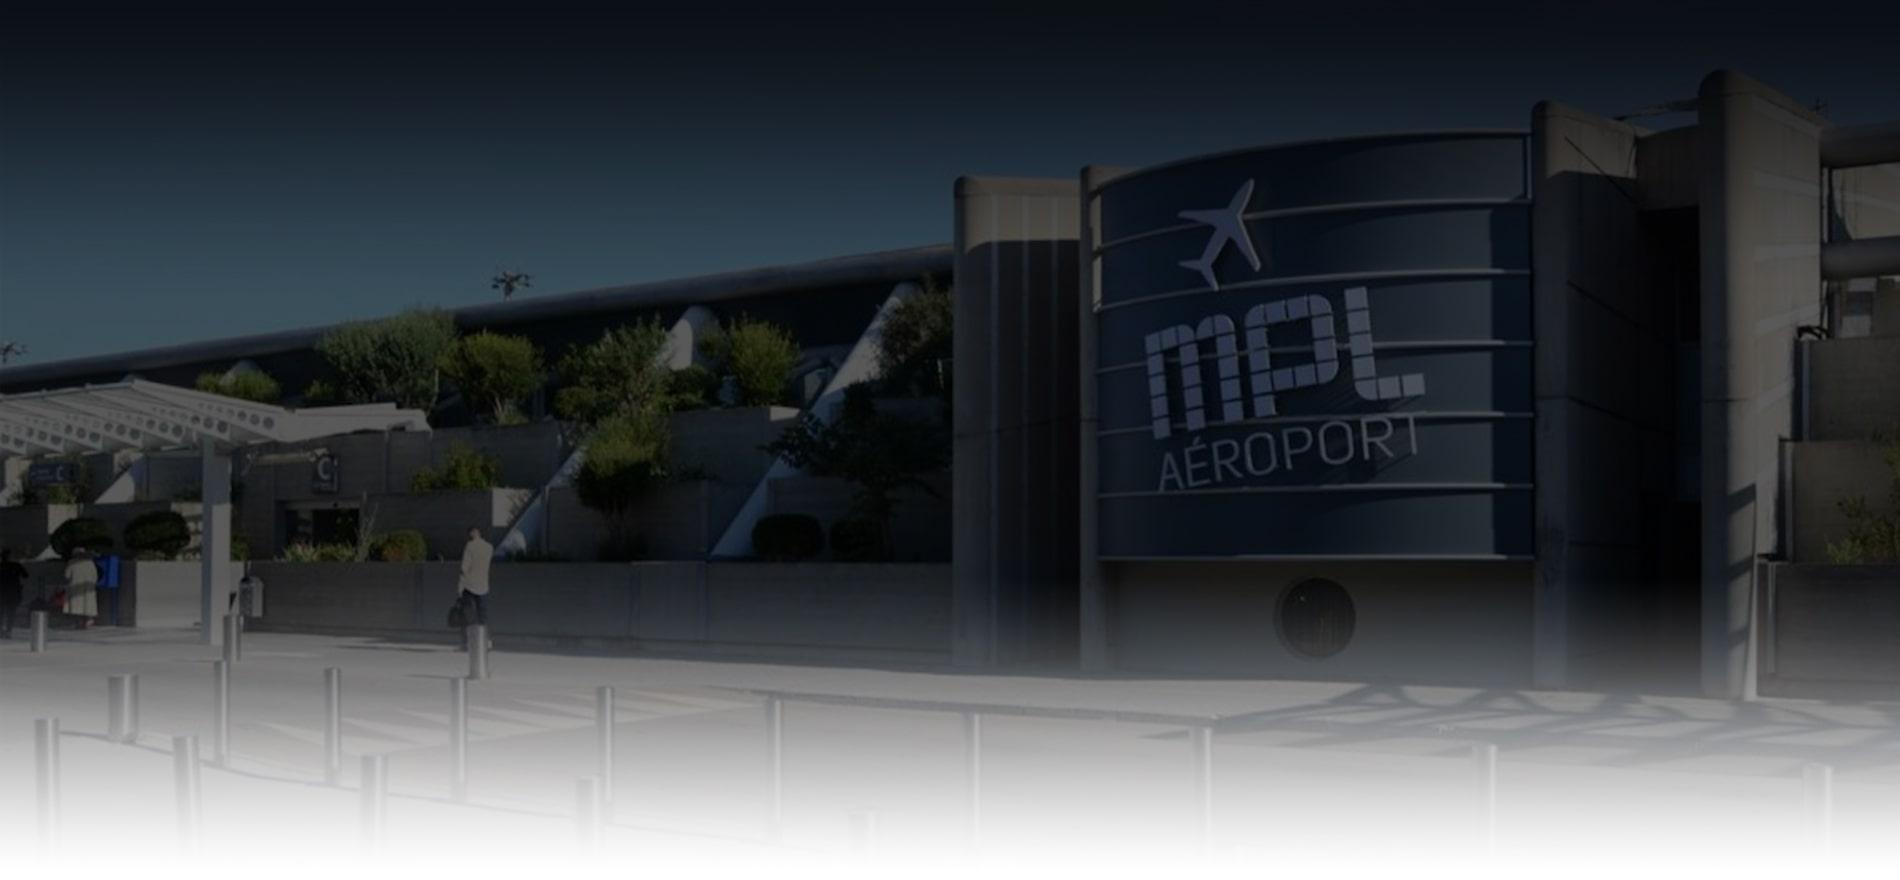 Chauffeur aéroport de Montpellier